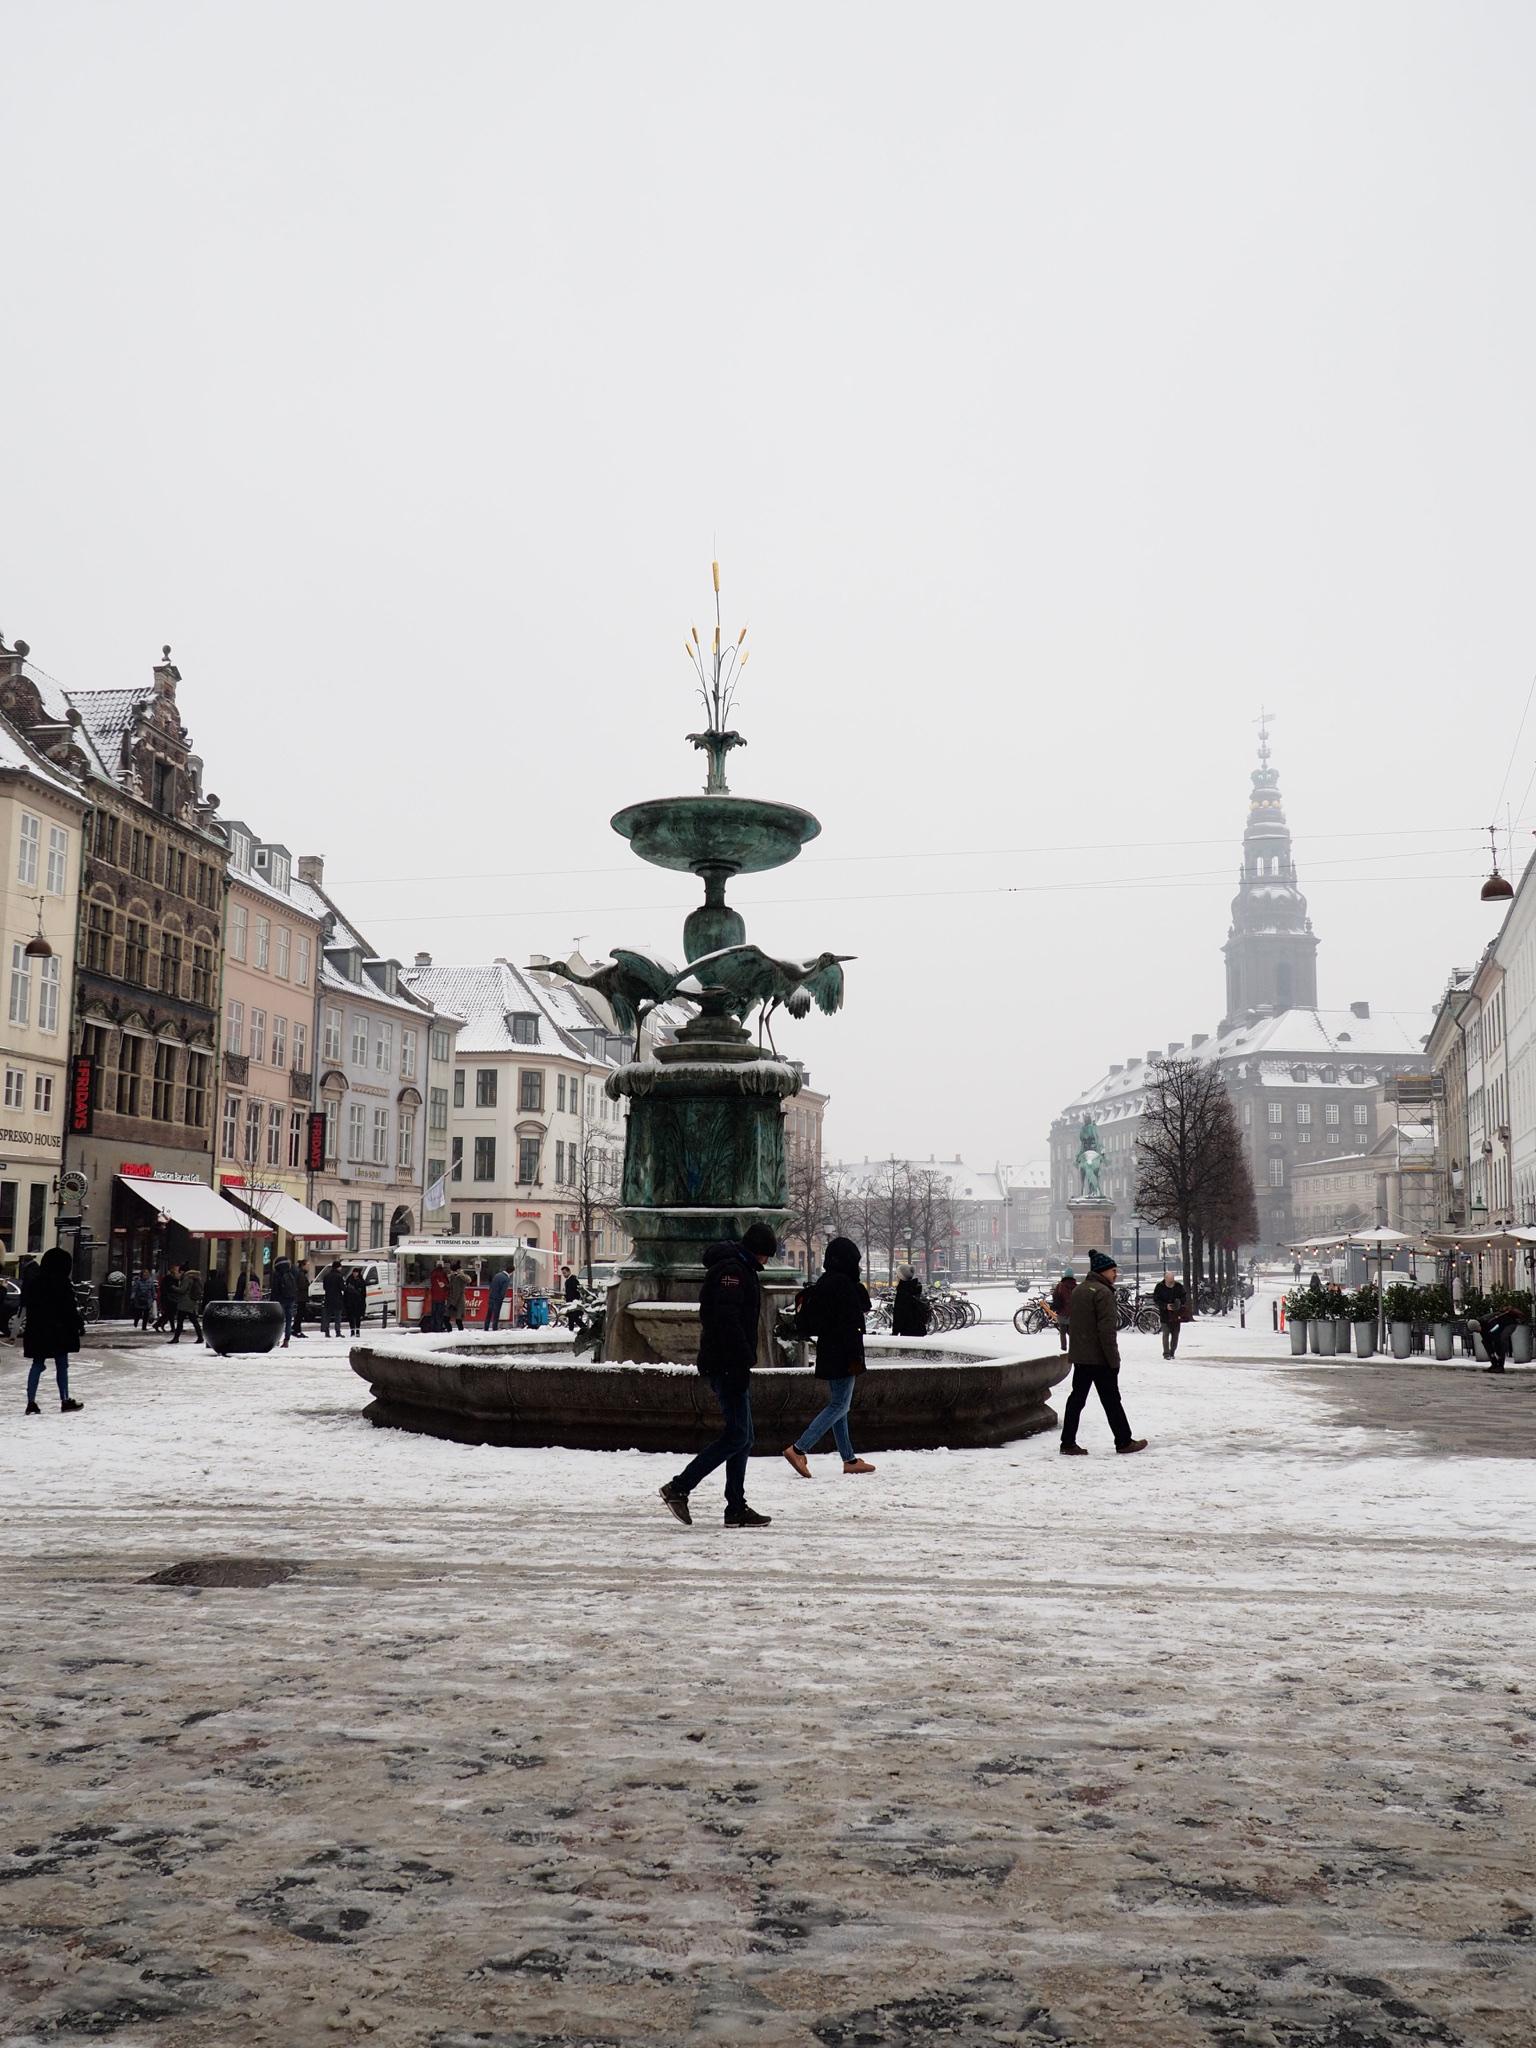 It snowed in Copenhagen during my stay